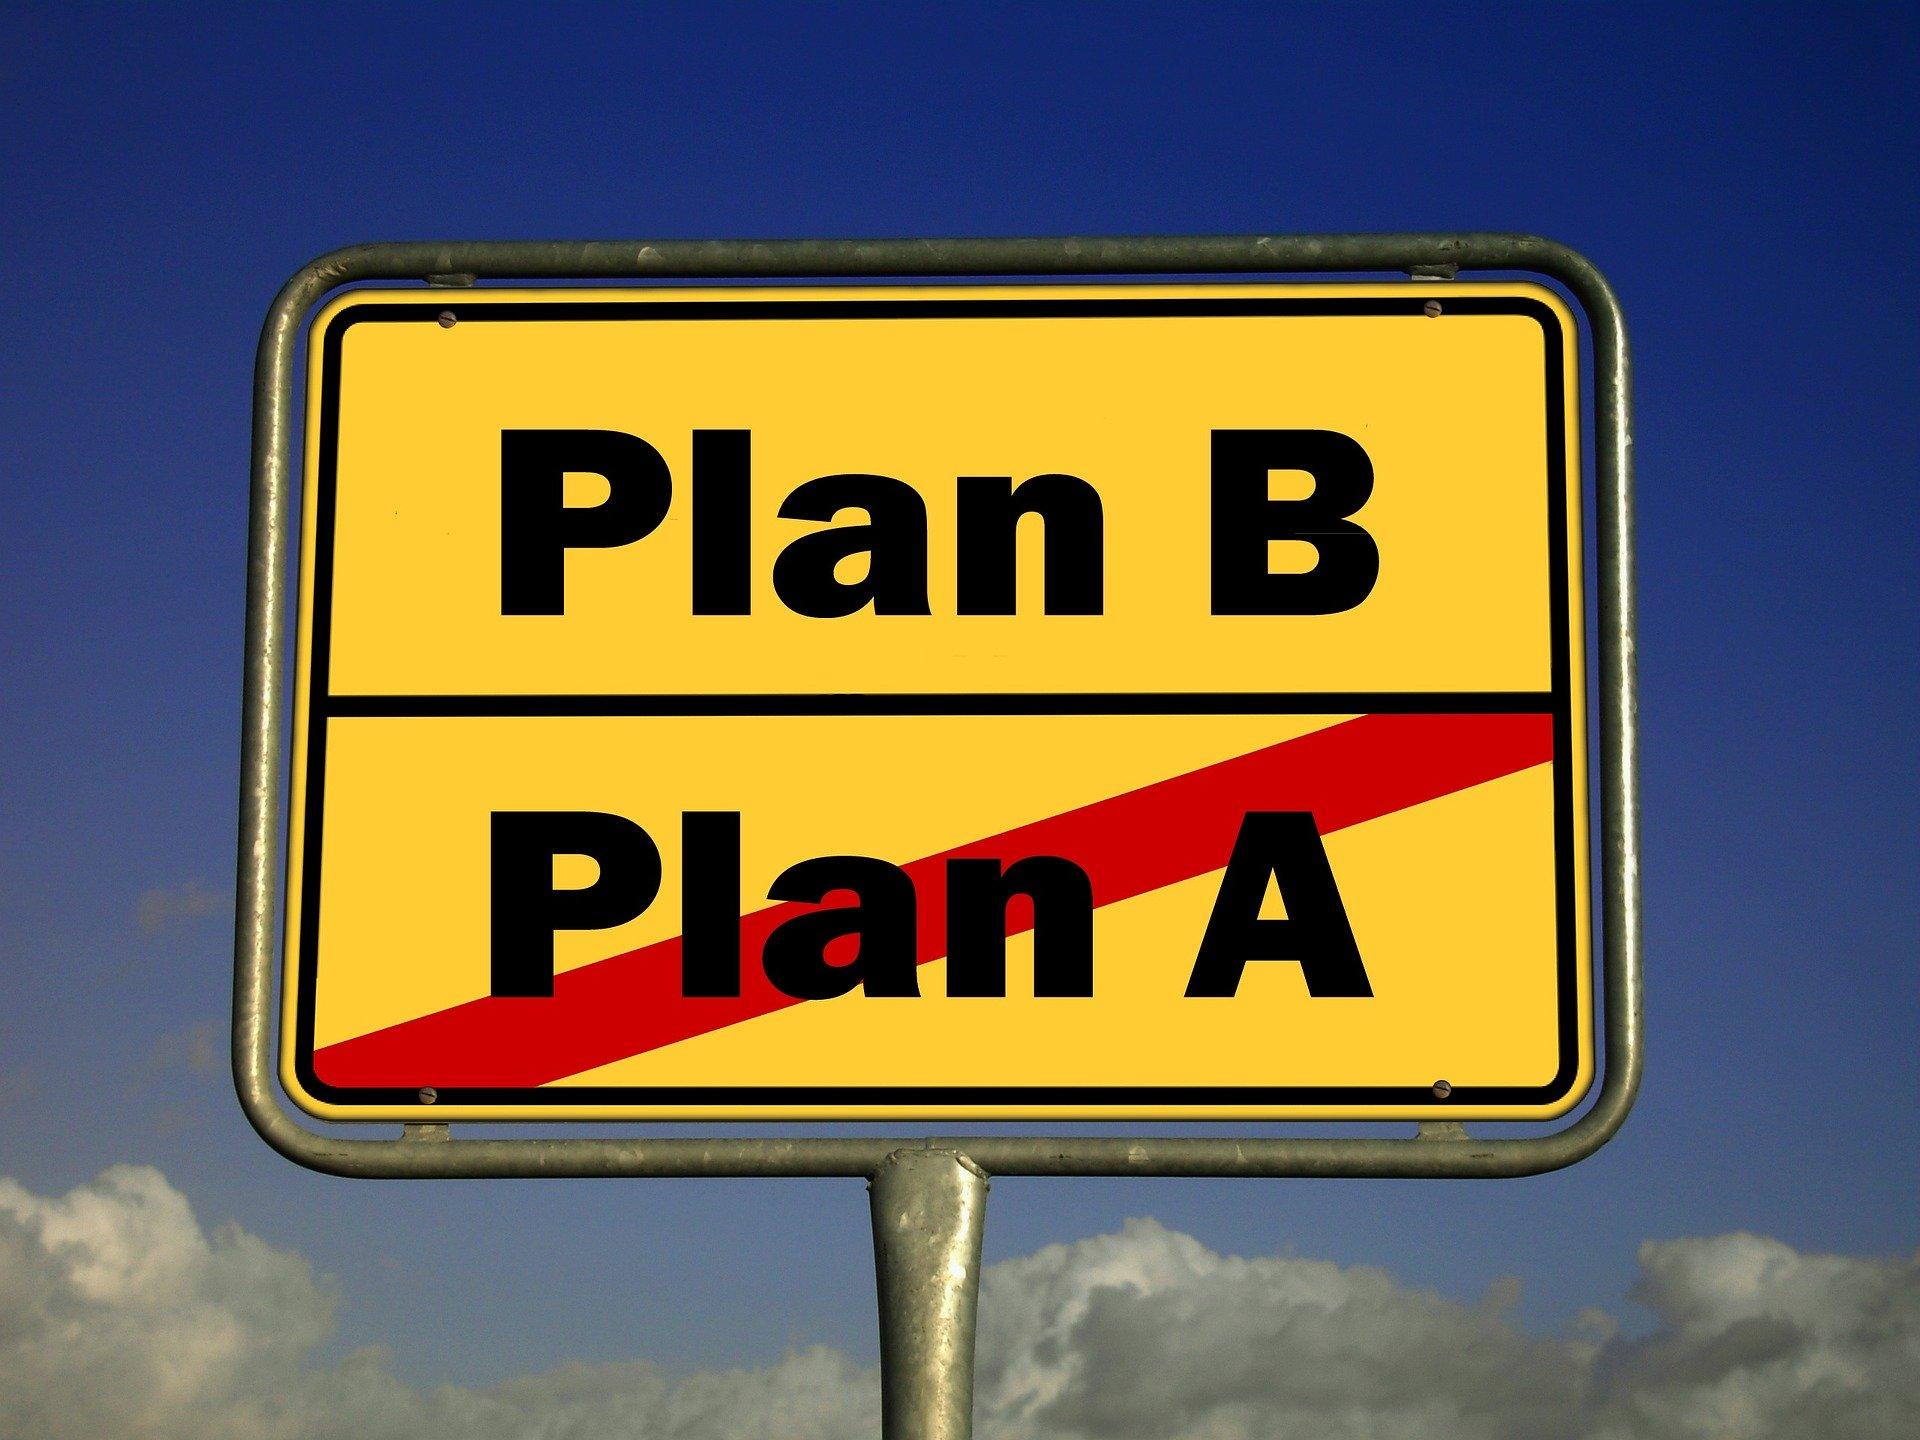 Plan d'action commerciale